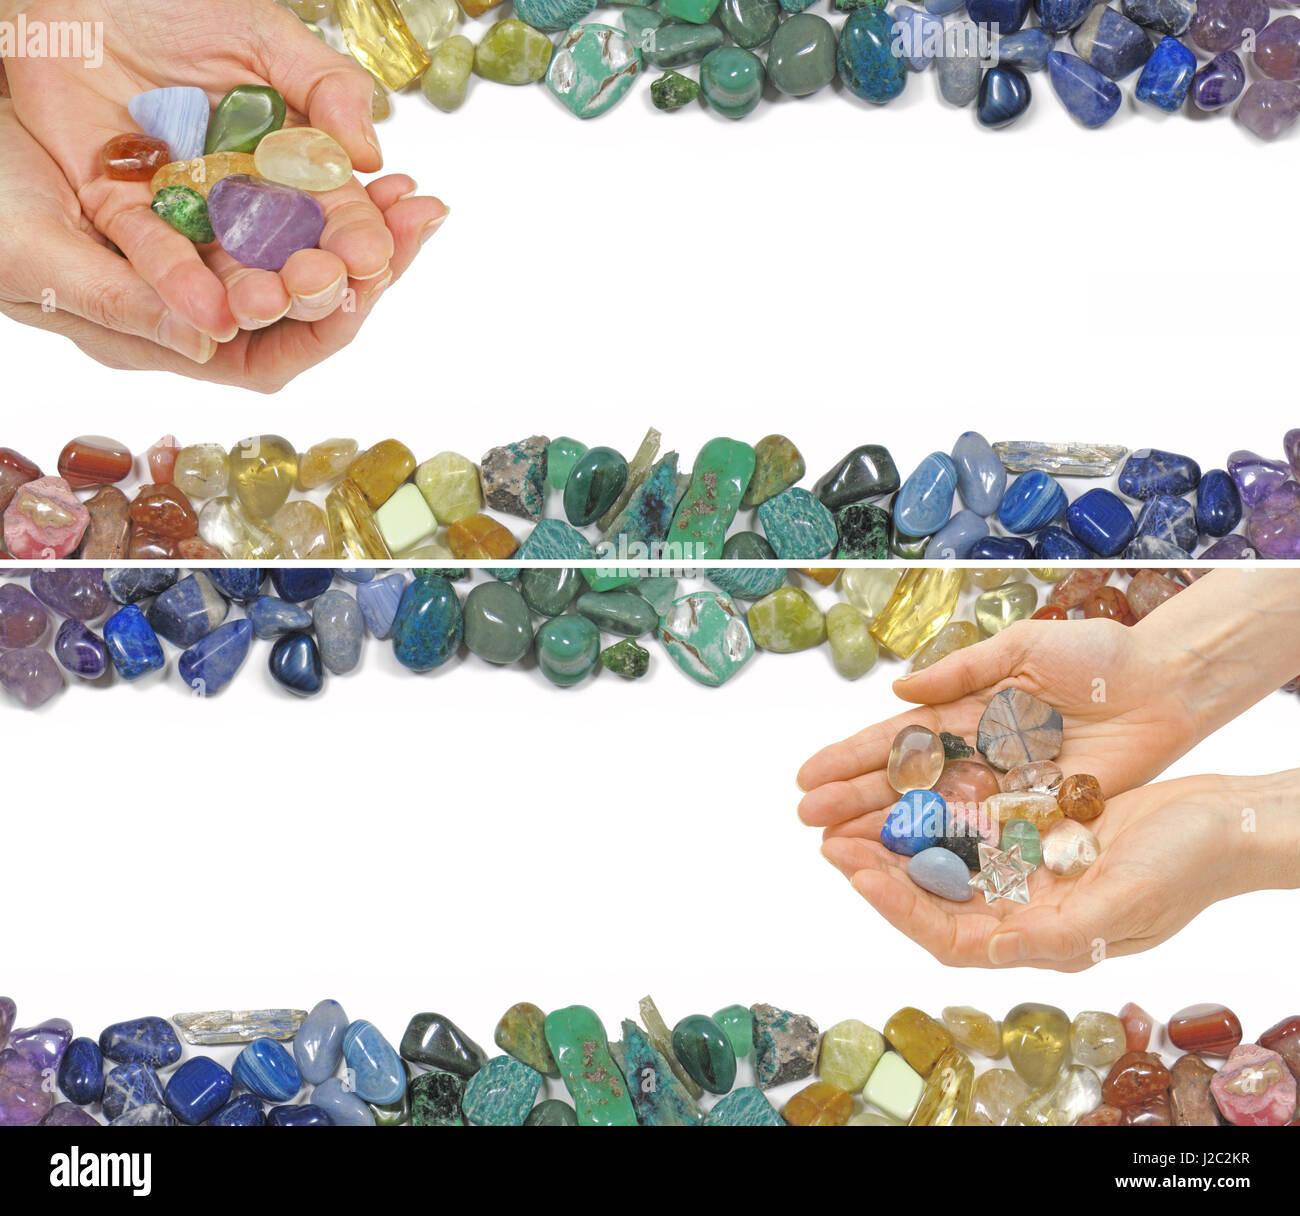 Crystal Healing Stock Photos & Crystal Healing Stock Images - Alamy